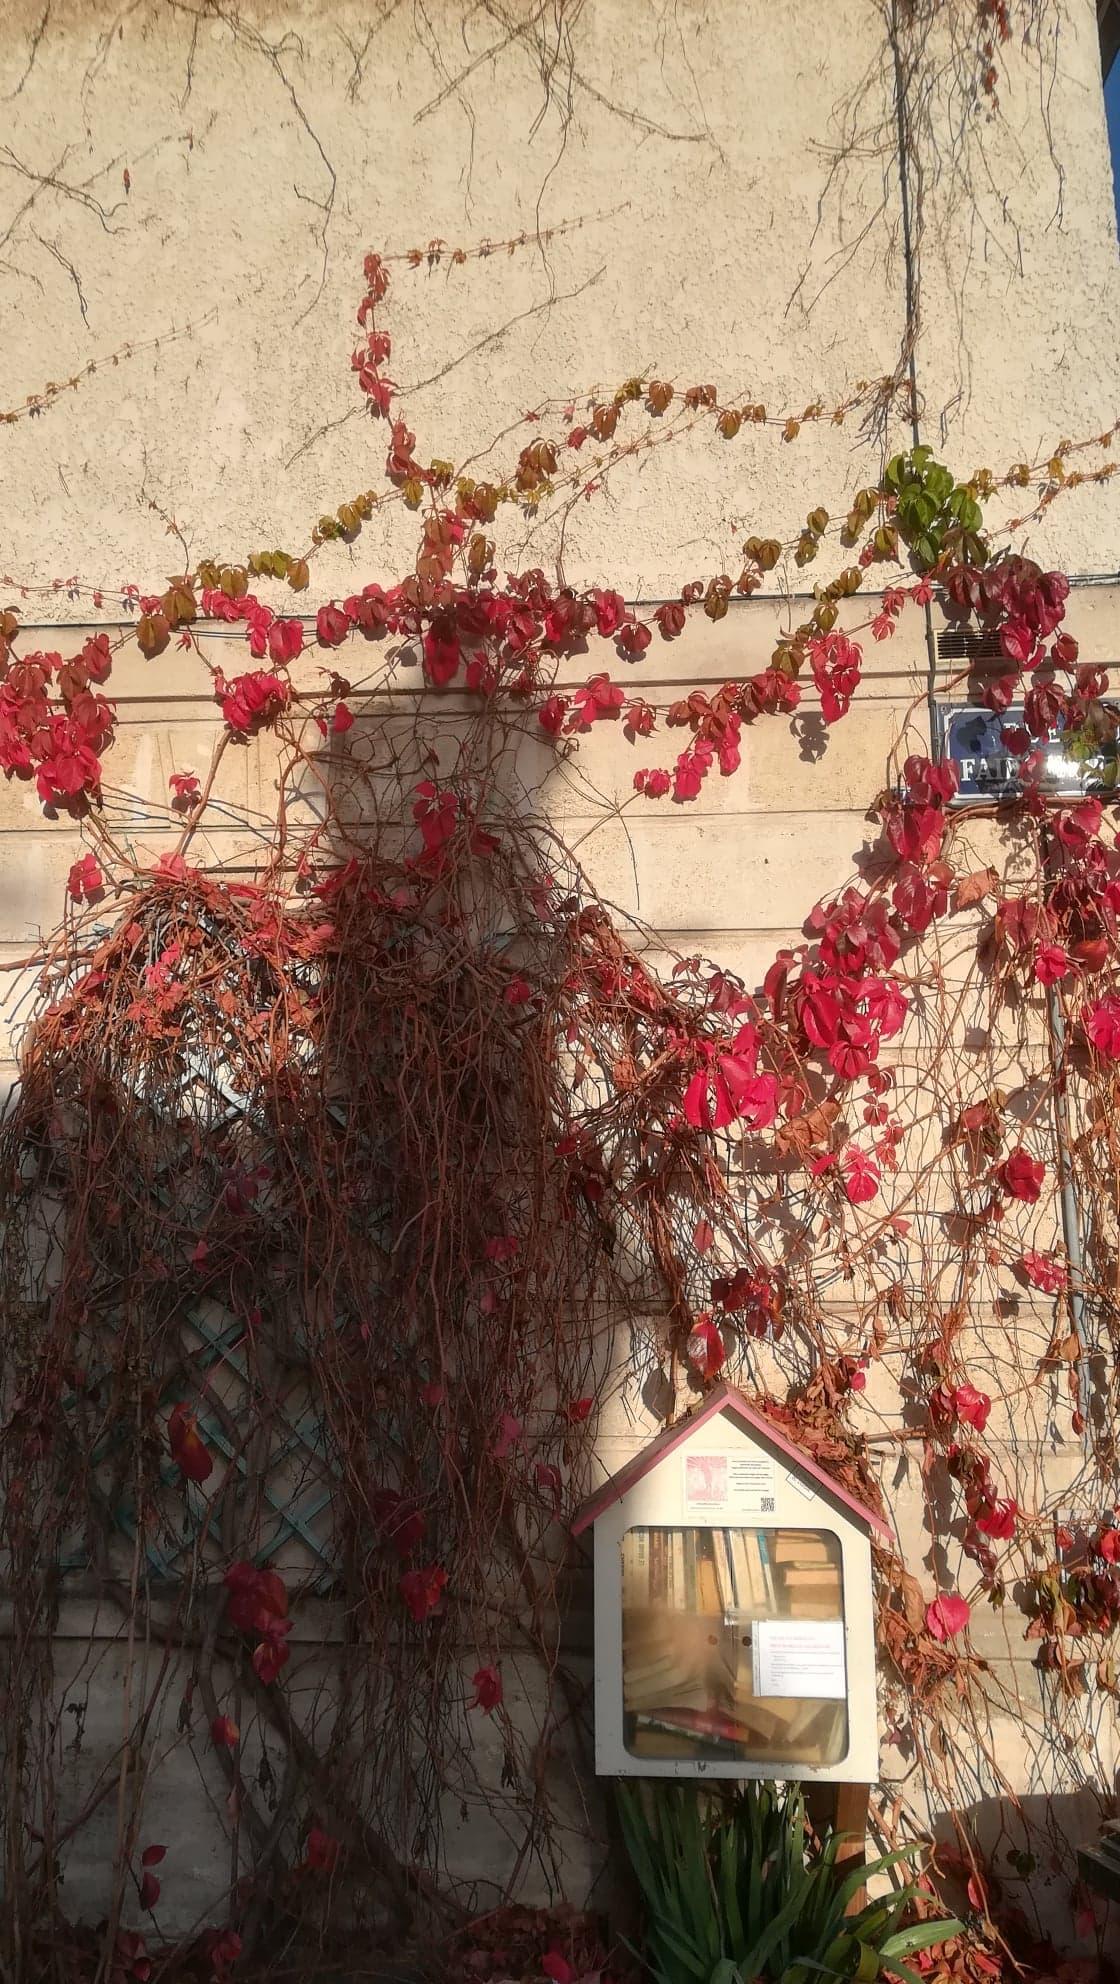 Sur une façade beige, du lierre rouge, par endroits vert, l'escalade presque jusqu'au toit. En haut, à droite, dissimulé en partie par les feuilles, le nom de la rue : Faidherbe. Près de la moitié de l'image, à gauche, est assombrie par les maisons de l'autre côté de la rue, derrière le·la spectateur·trice. À l'interstice entre l'ombre et la lumière, une maisonnette, comme un nichoir à oiseaux, près du sol, est accrochée à la façade. À l'intérieur, des livres, en libre-service. En-dessous, une plante verte aux feuilles larges et longues.